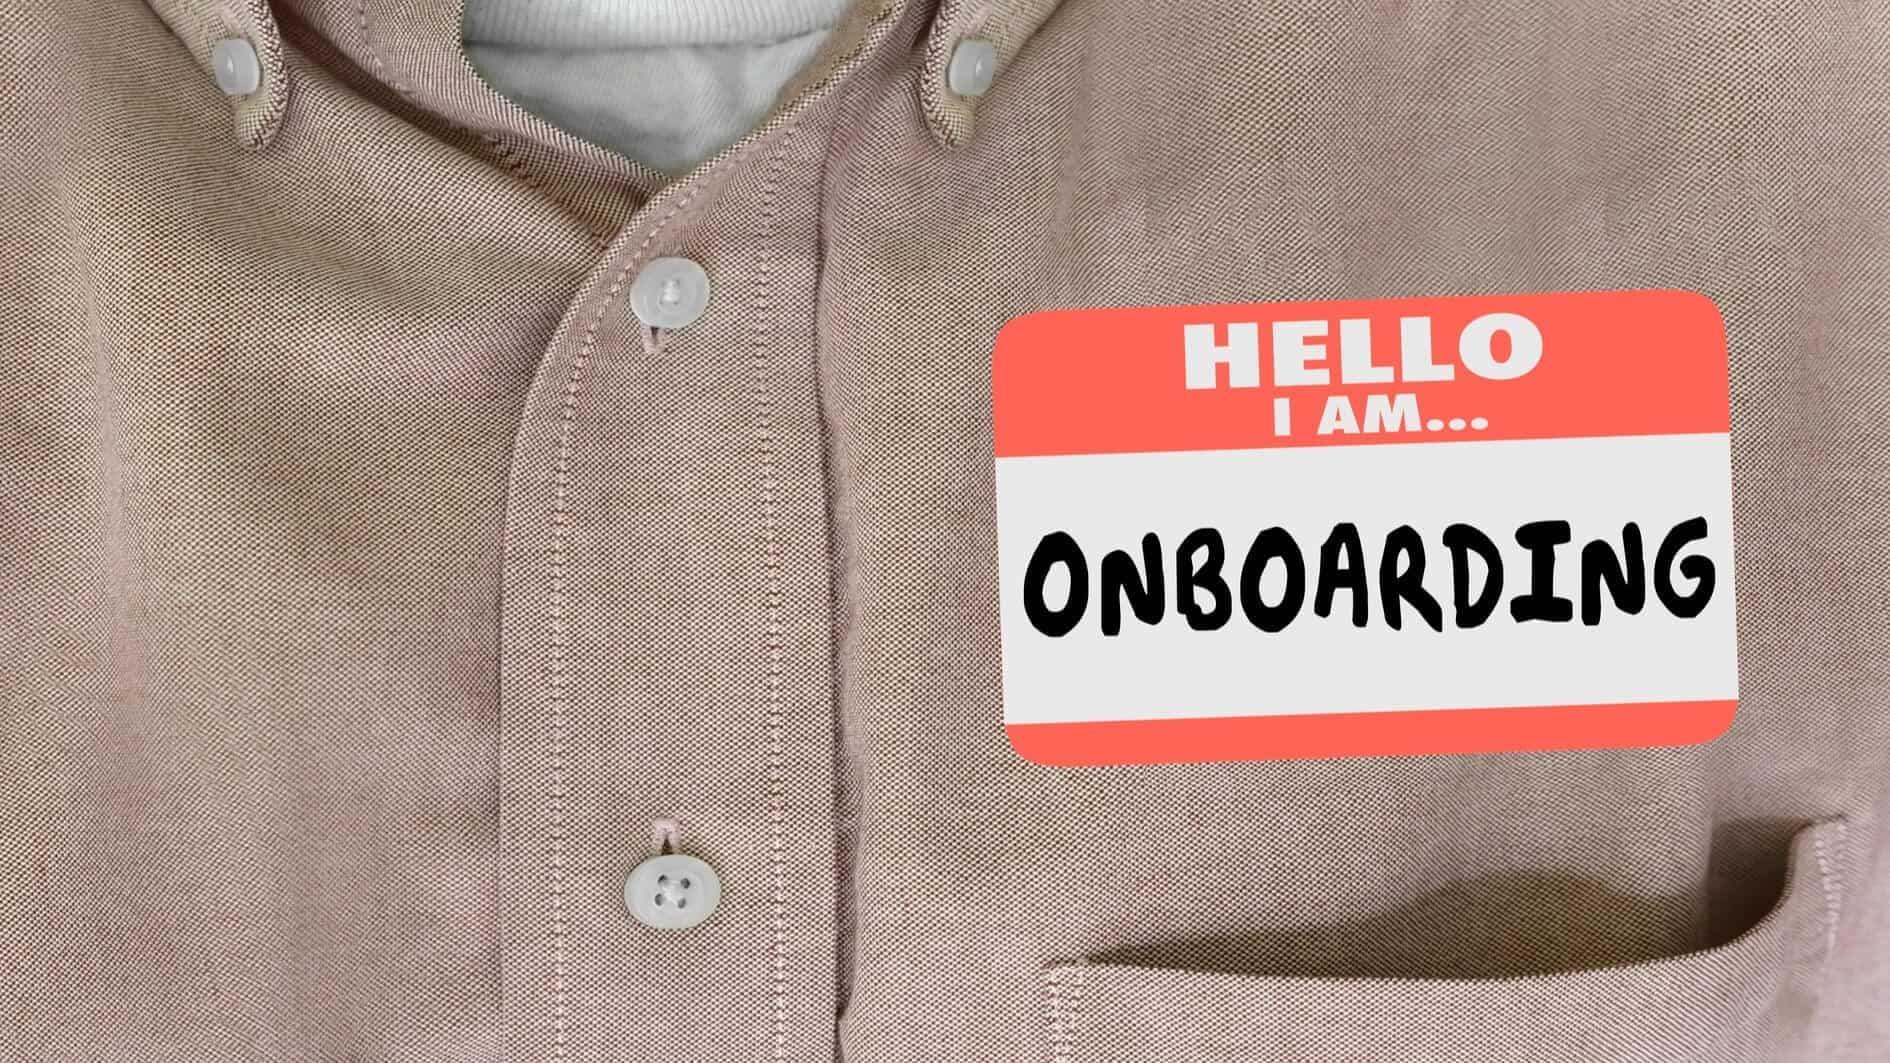 Rahasia Onboarding Perusahaan Manufaktur